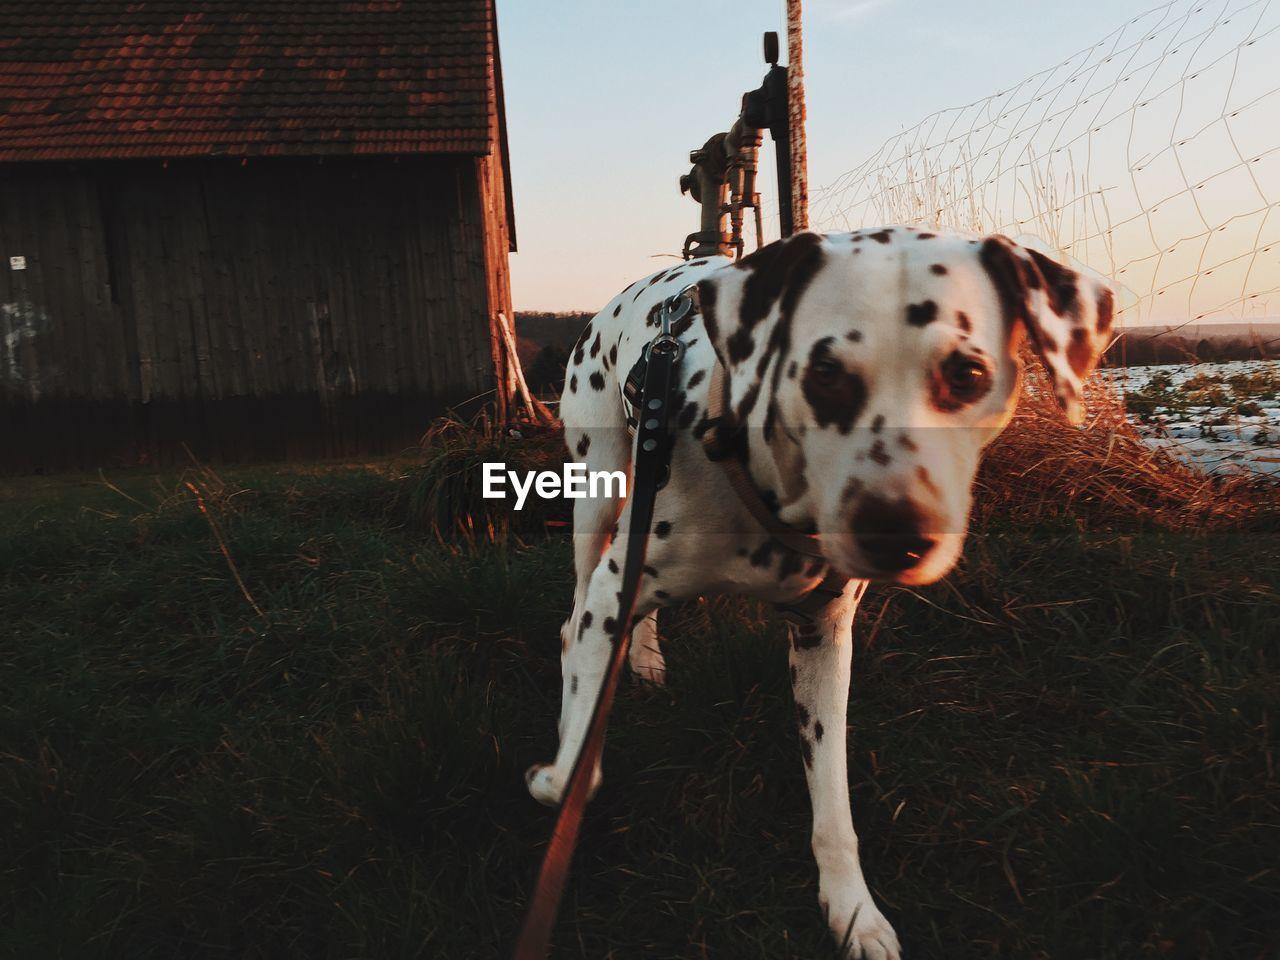 Dog looking away